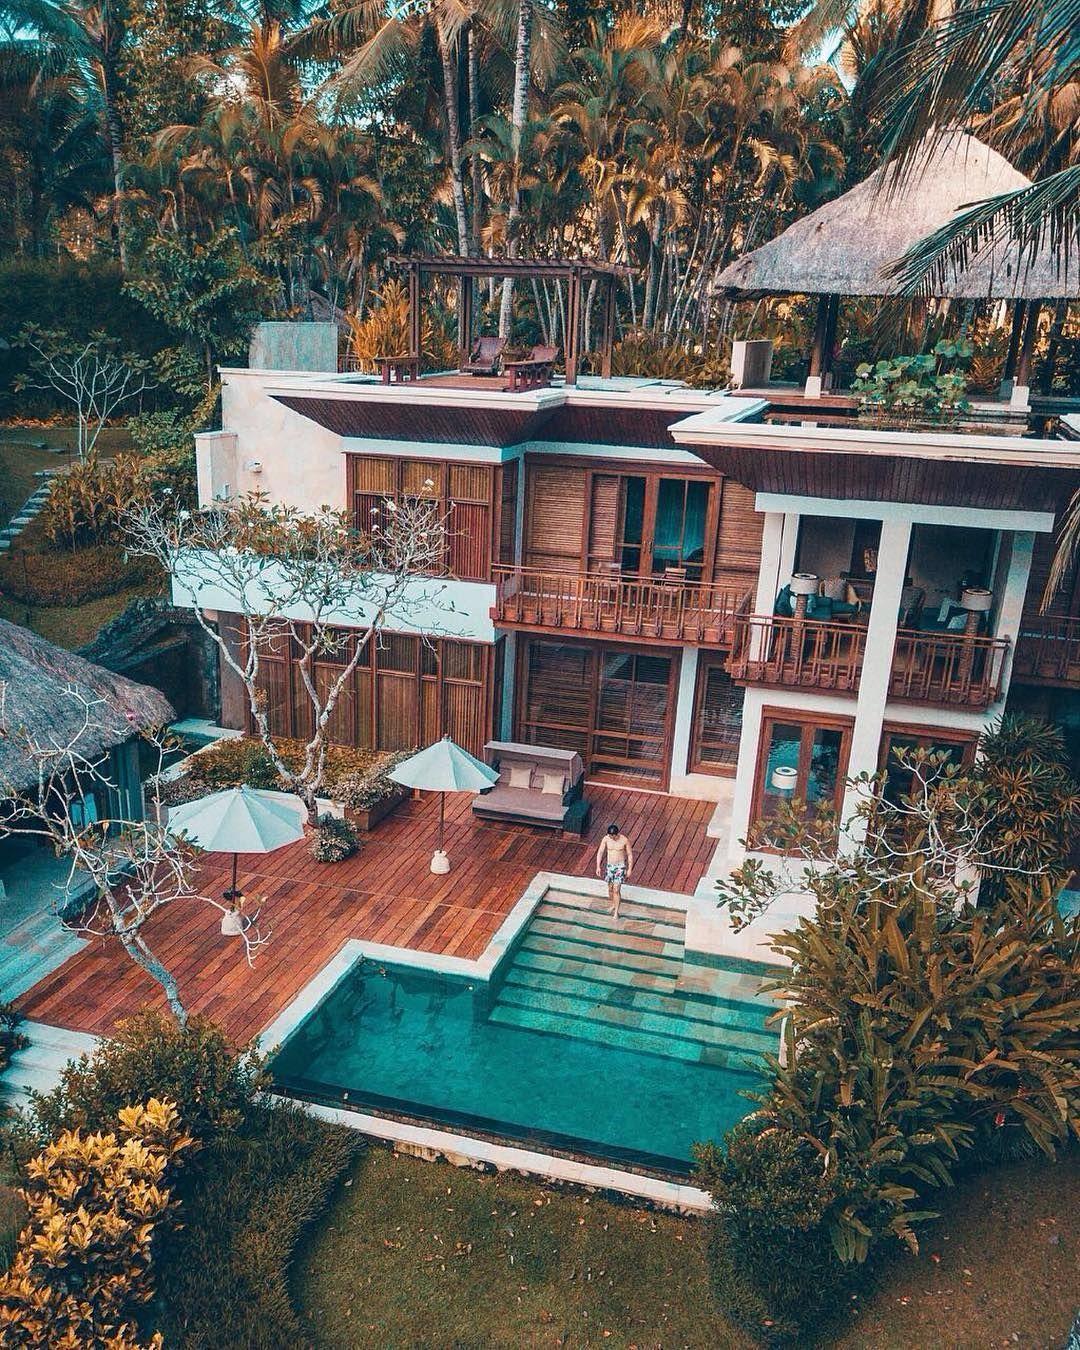 Having your own private villa in the jungle Bali Indonesia